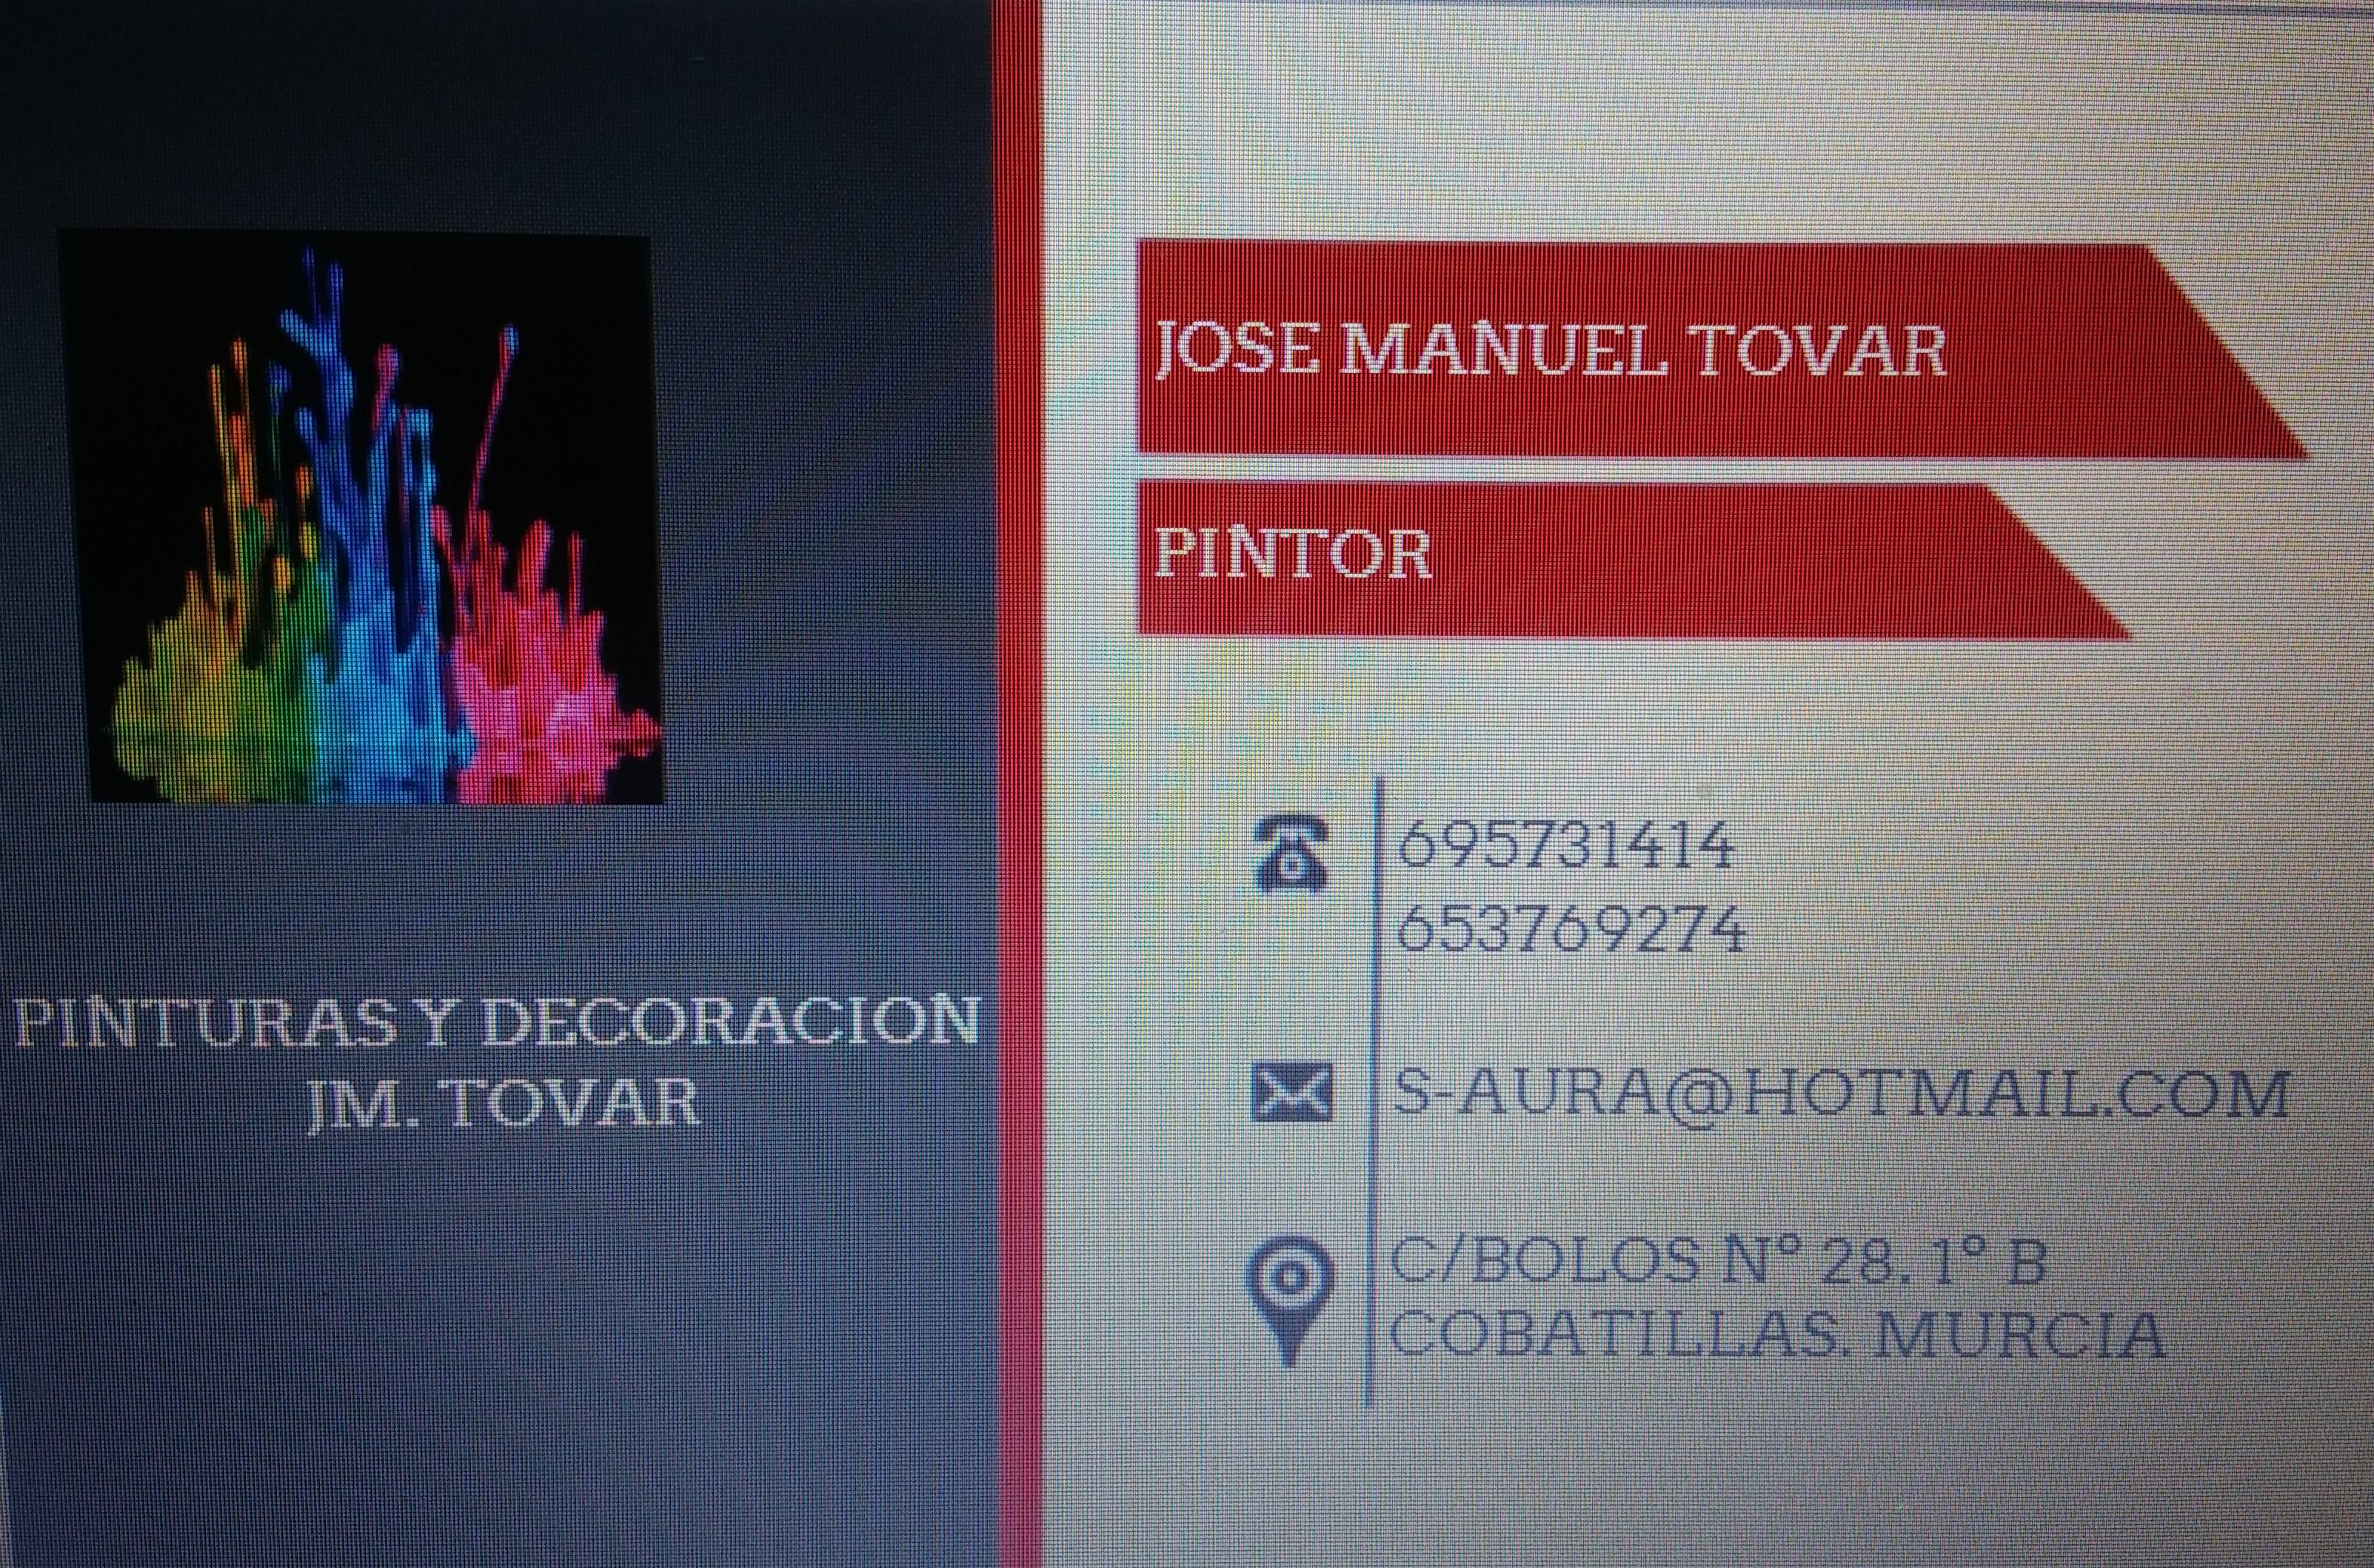 Pinturas Y Decoraciones Jm. Tovar